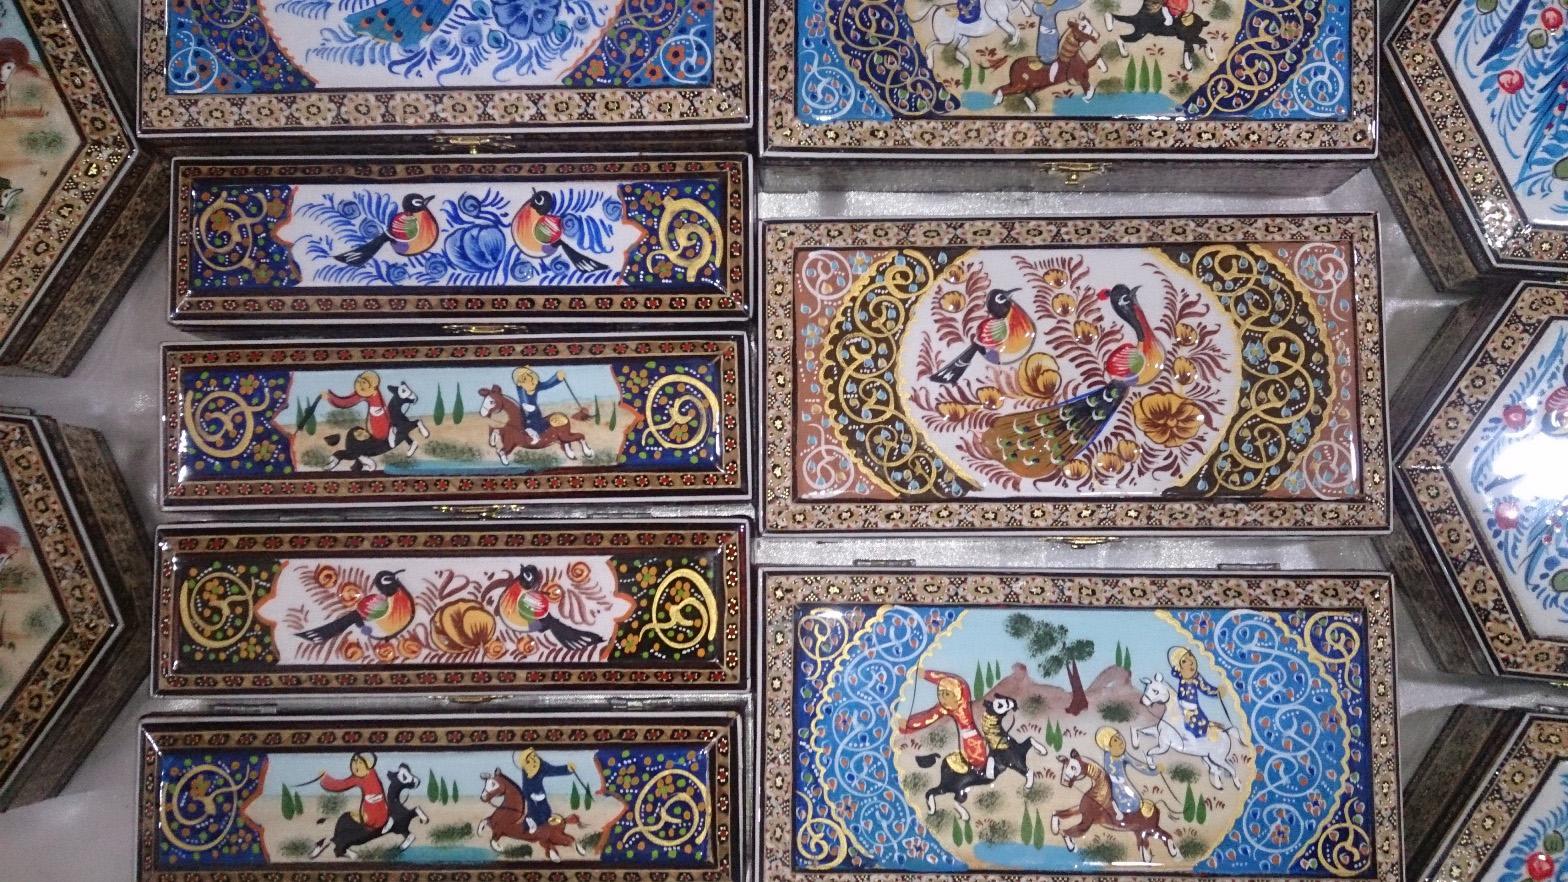 فروش صنایع دستی در ارگ کریم خانی شیراز